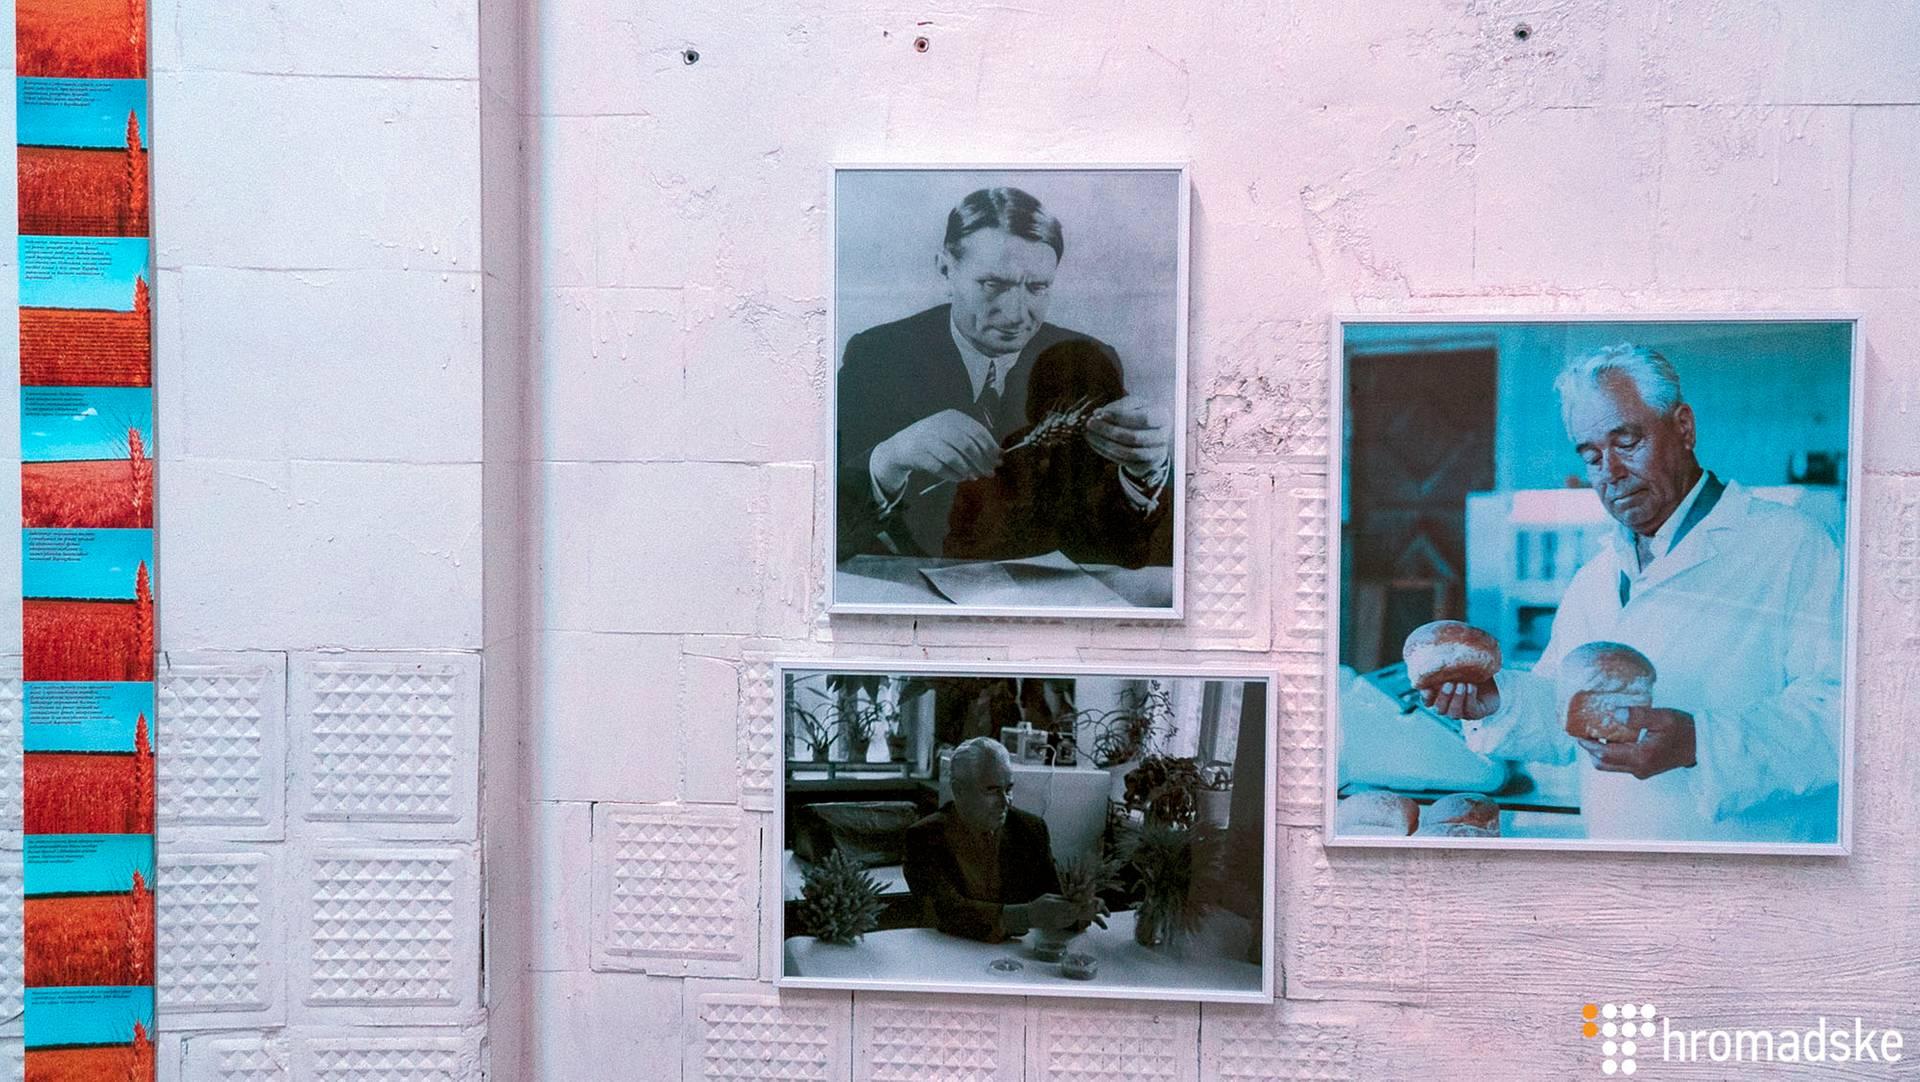 На фото зверху ліворуч — радянський агроном Трофима Лисенко, засновник псевдонаукового напрямку в біології — мічуринської агробіології, радянської кампанії проти генетики. На фото праворуч та ліворуч внизу – радянський вчений в галузі насінництва пшениці Василь Ремесло, який запровадив методику отримання високоврожайних сортів озимої пшениці з підвищеною стійкістю до екстремальних умов, а також створення пластичних зимостійких сортів озимої пшениці для її вирощування в нетрадиційних зонах